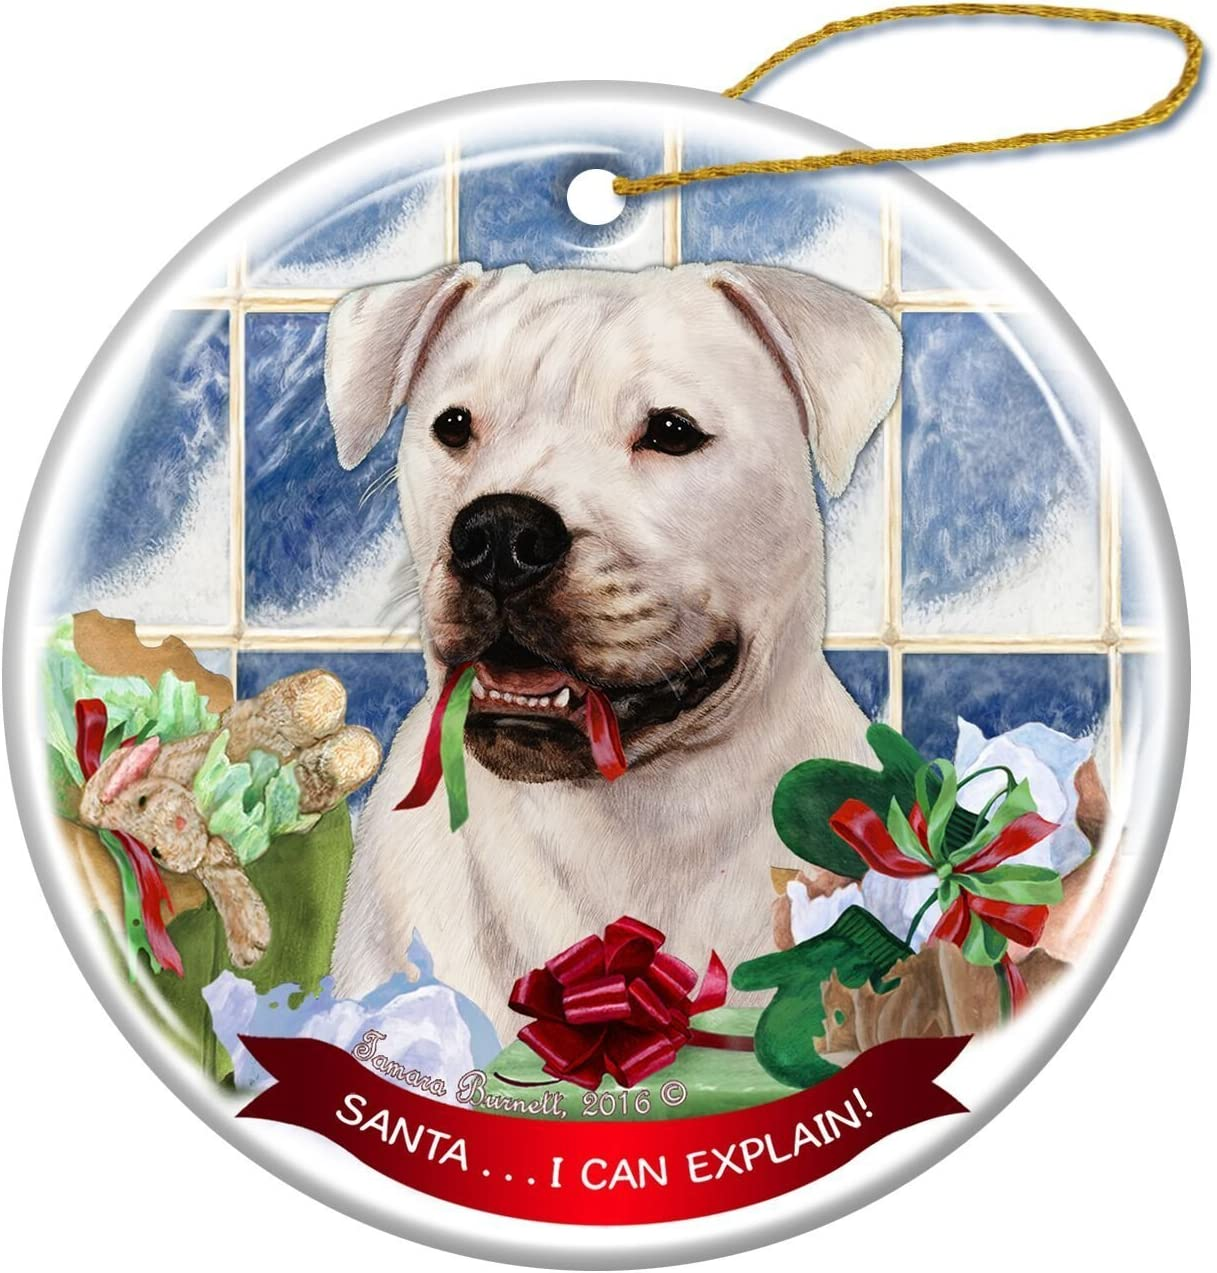 Black Pug Dog Porcelain Hanging Ornament Pet Gift /'Santa. I Can Explain!/'